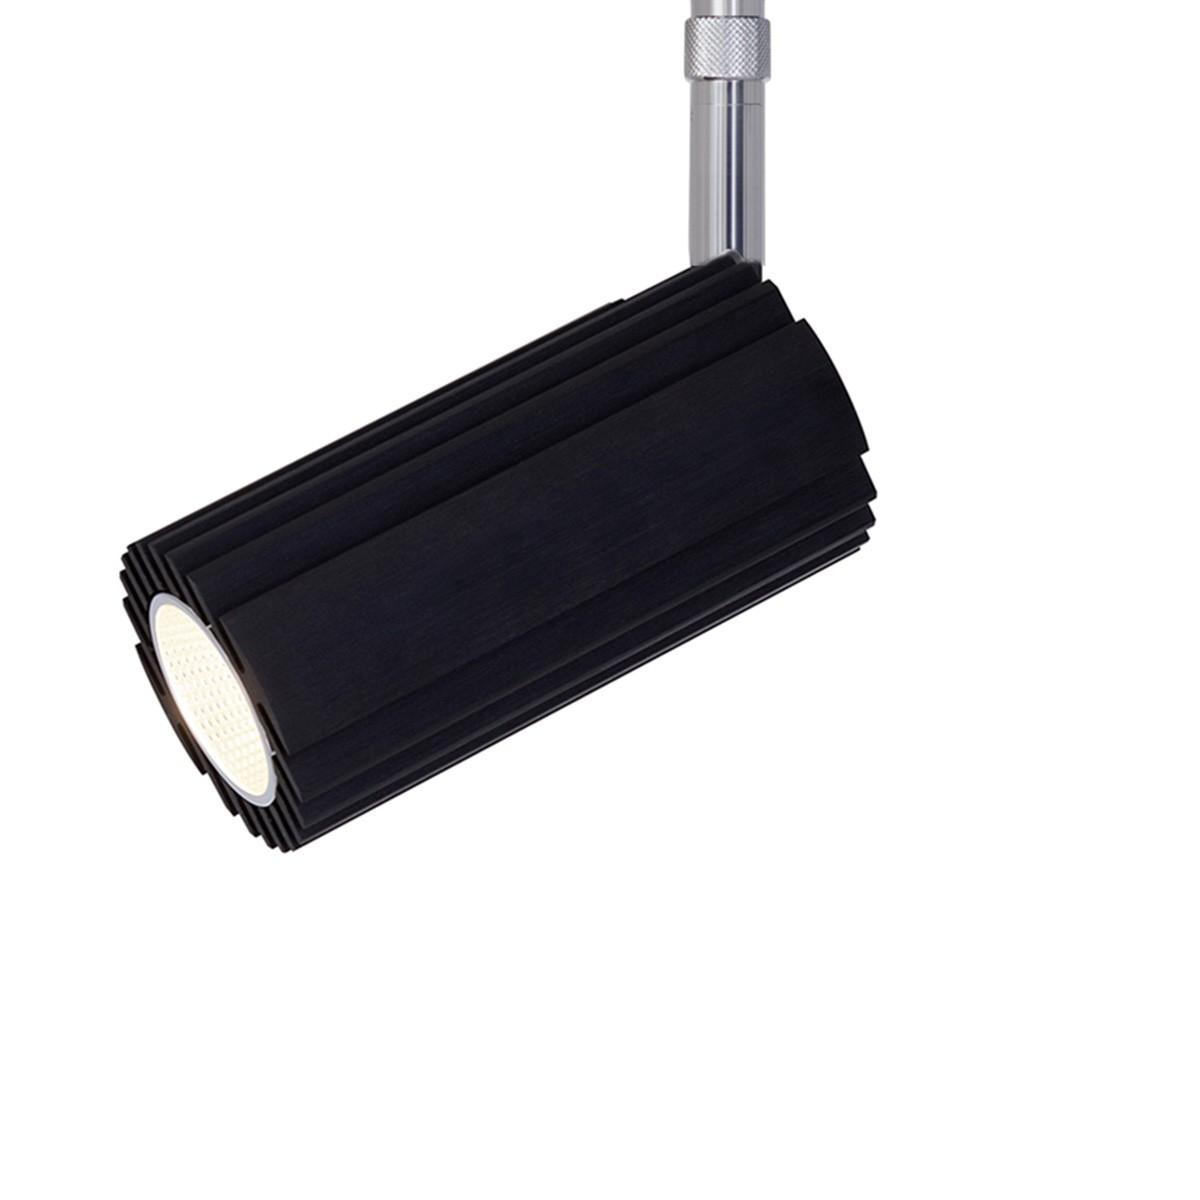 Oligo PHASE Ridge Max LED Strahler, 3000K, Stange: Chrom, Korpus: schwarz matt